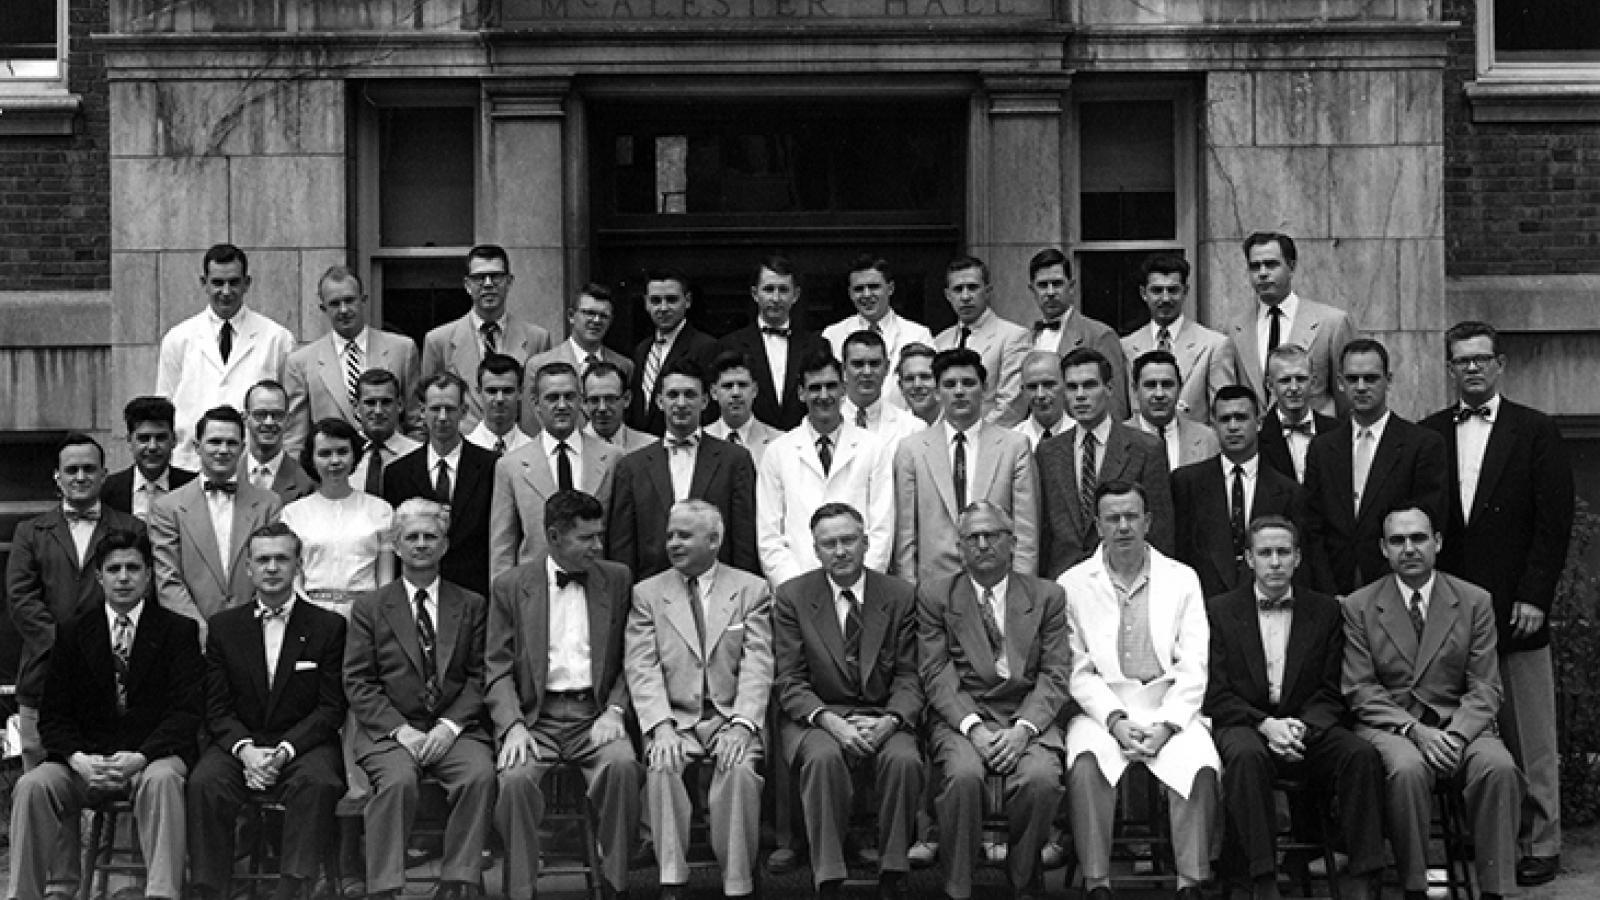 Class of 1955 portrait